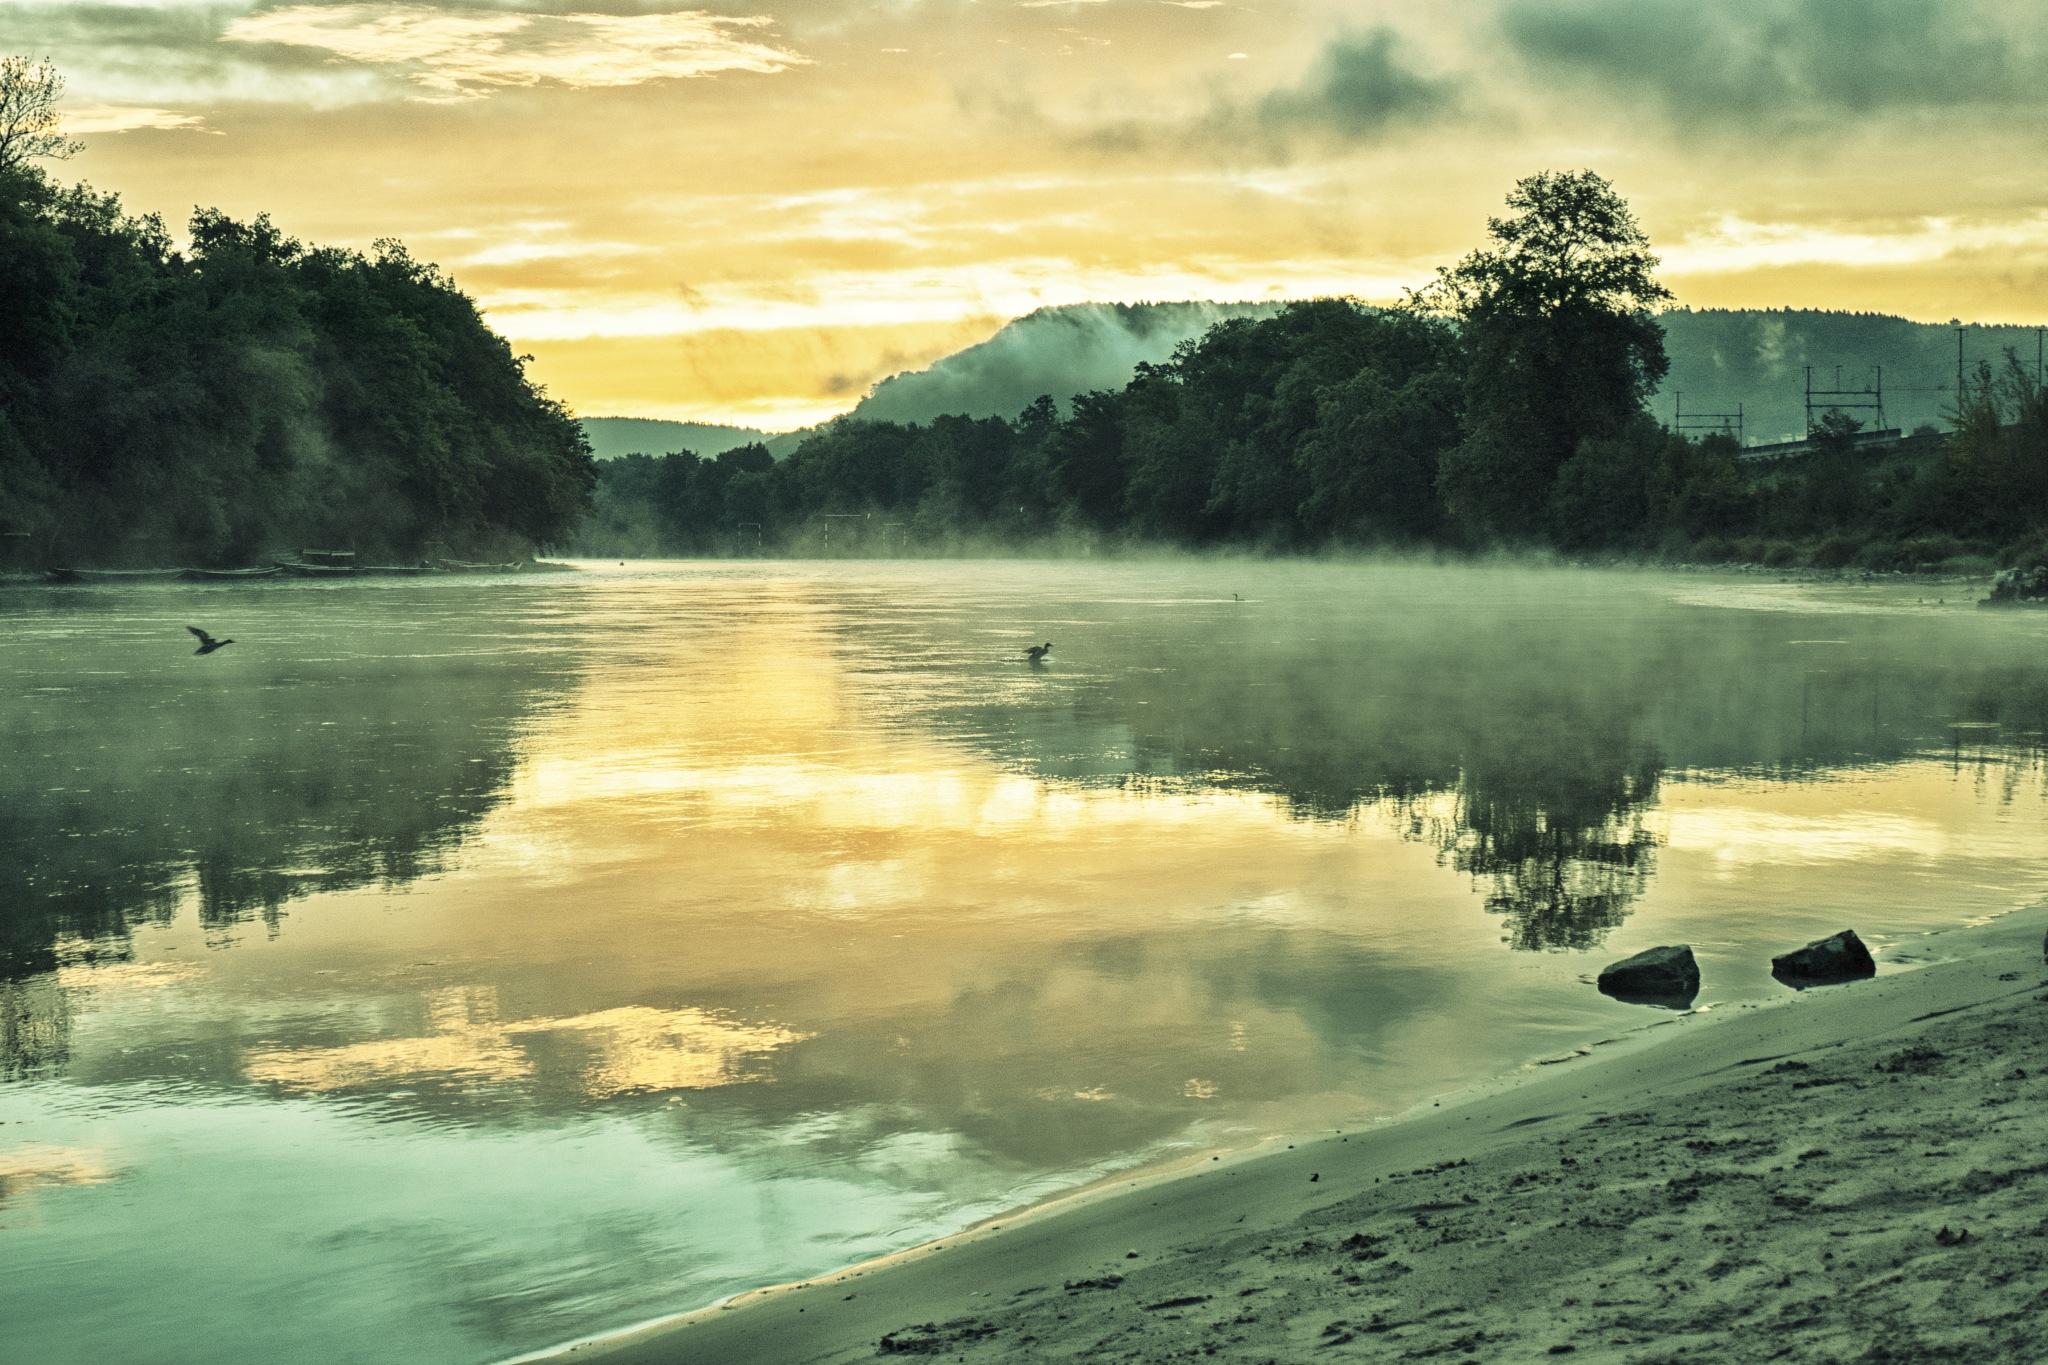 Aare im Sonnenaufgang by Hansjuerg Buehler